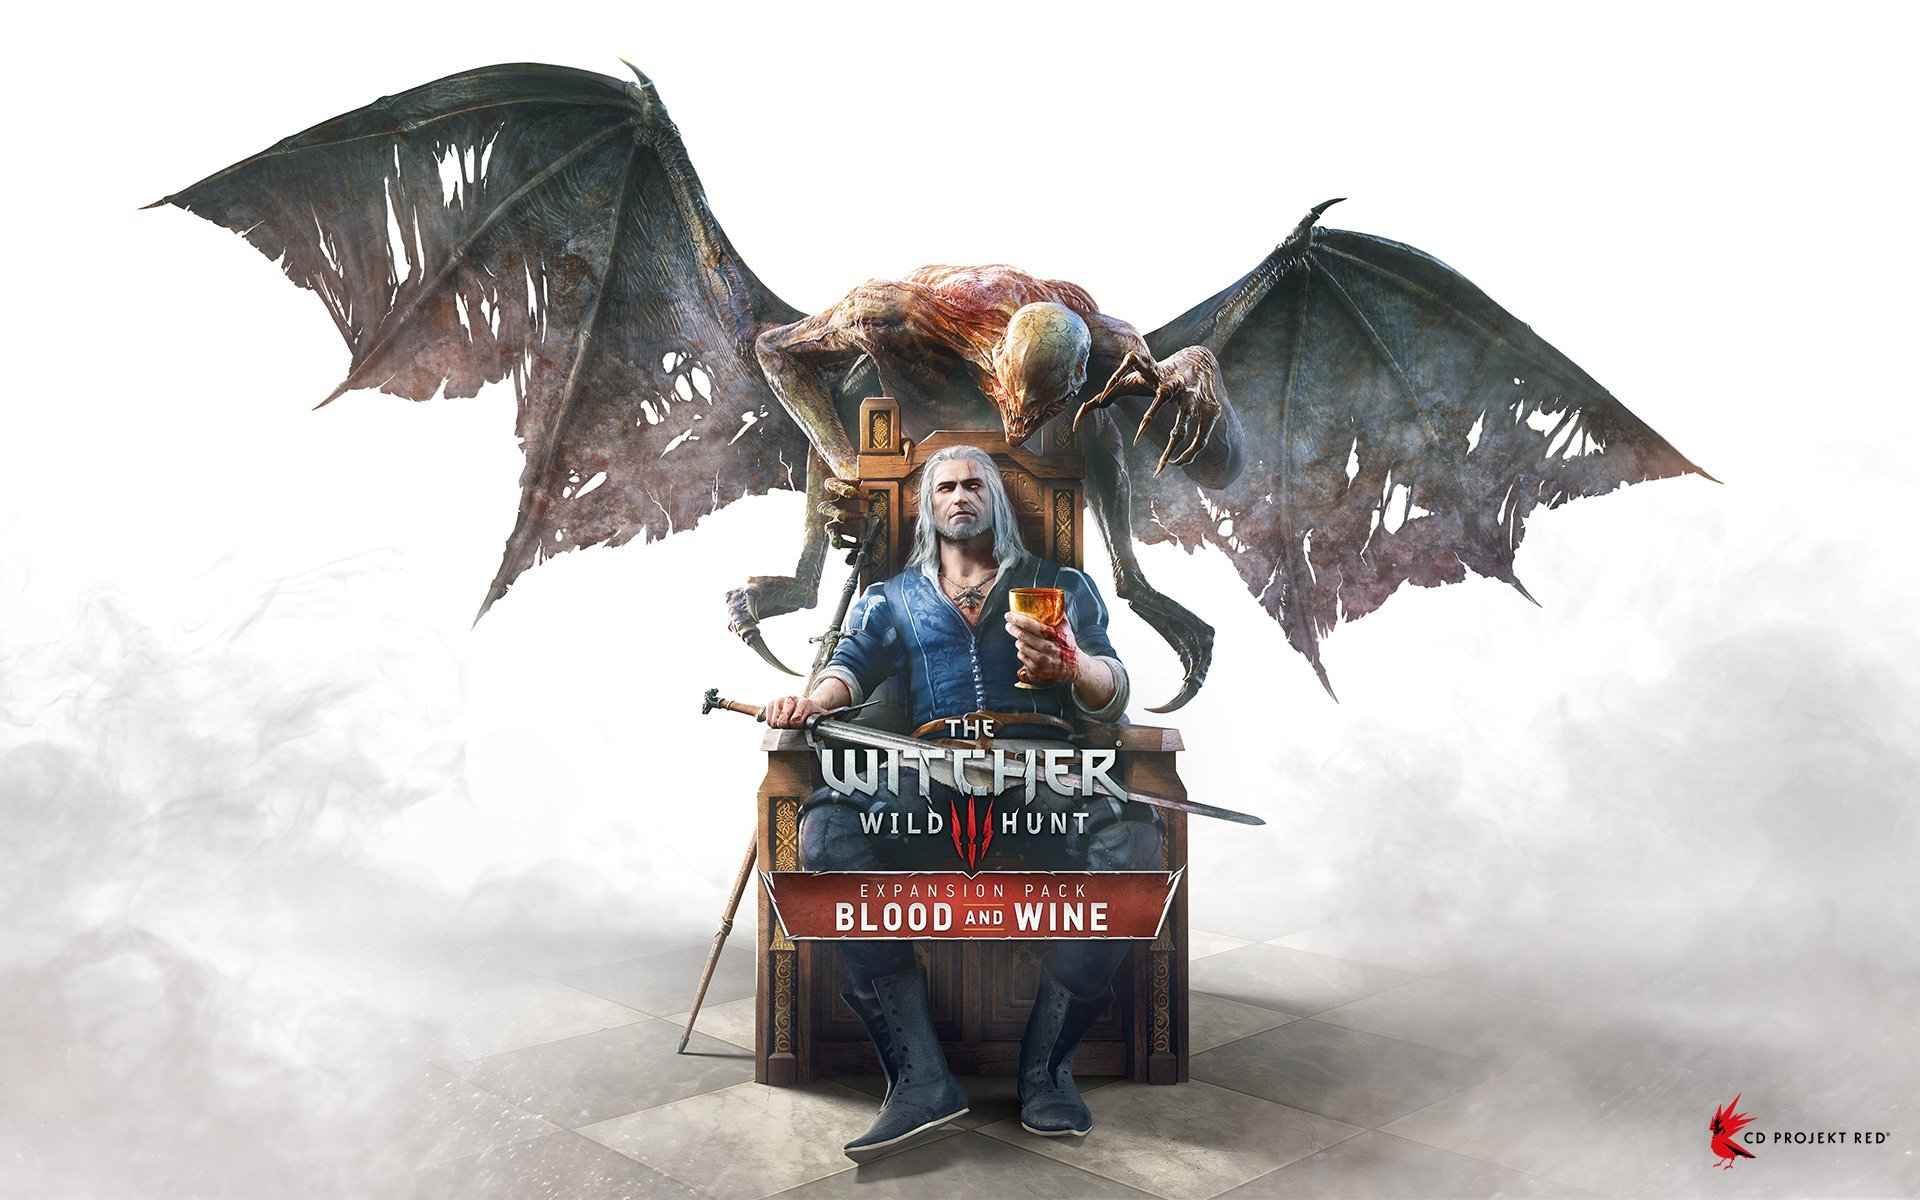 Вопль-прохождение Witcher 3: Кровь и Вино ... ФИНАЛ!!! [ВНИМАНИЕ, СПОЙЛЕРЫ] - Изображение 1